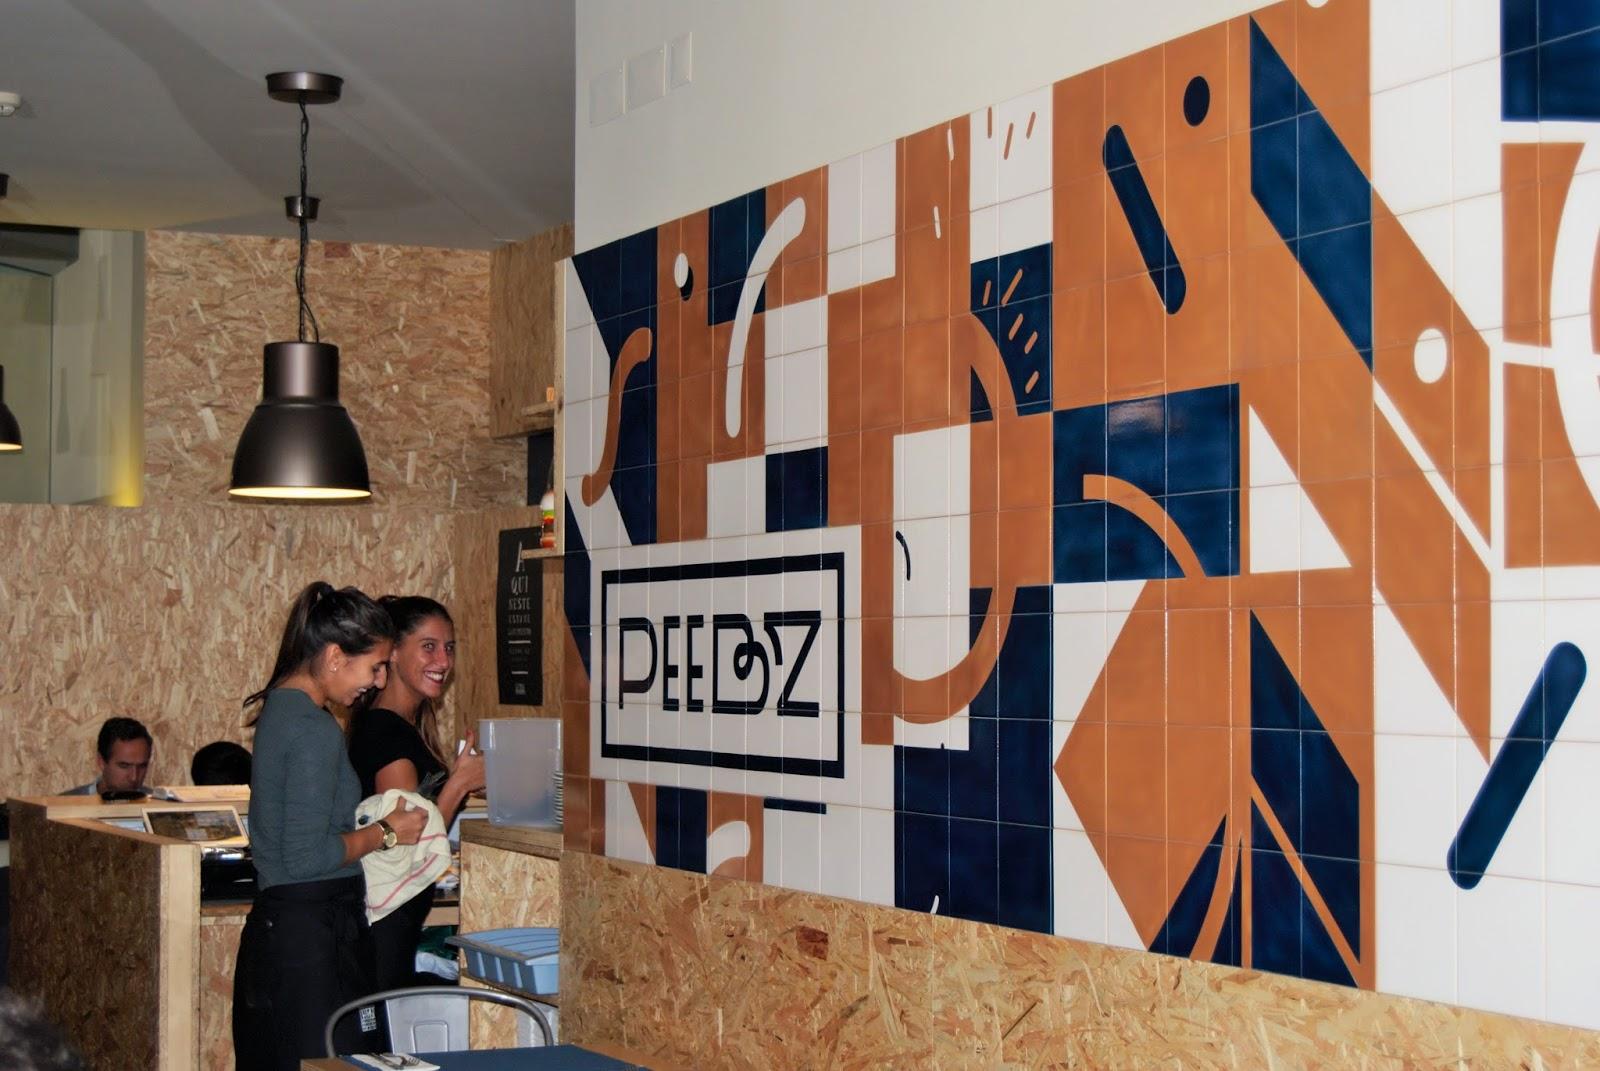 peebz-hamburgueria-hamburguer-restaurante-porto-foz-zomato-foodie